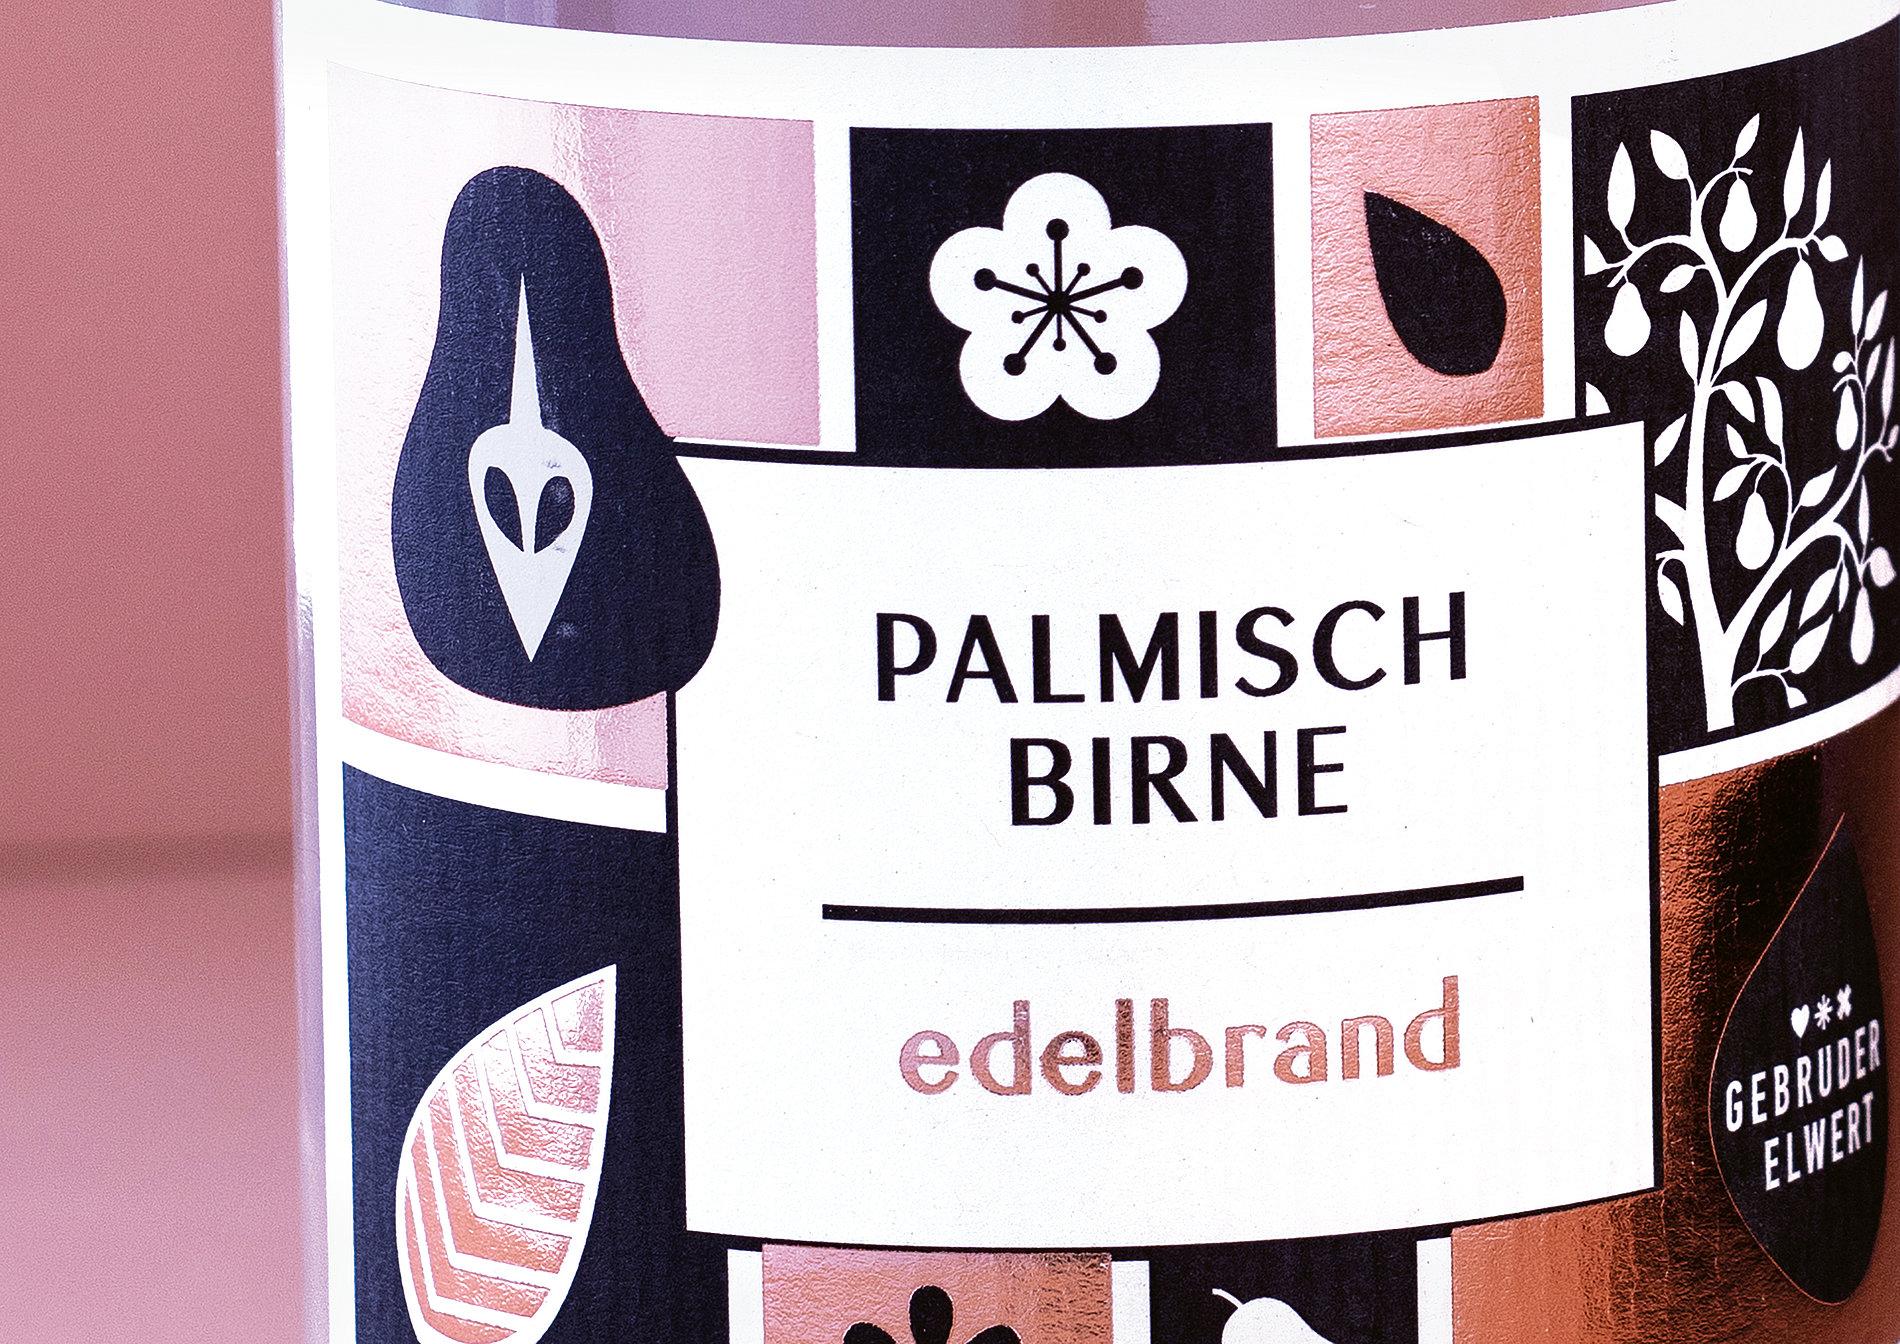 Edelbrand | Red Dot Design Award